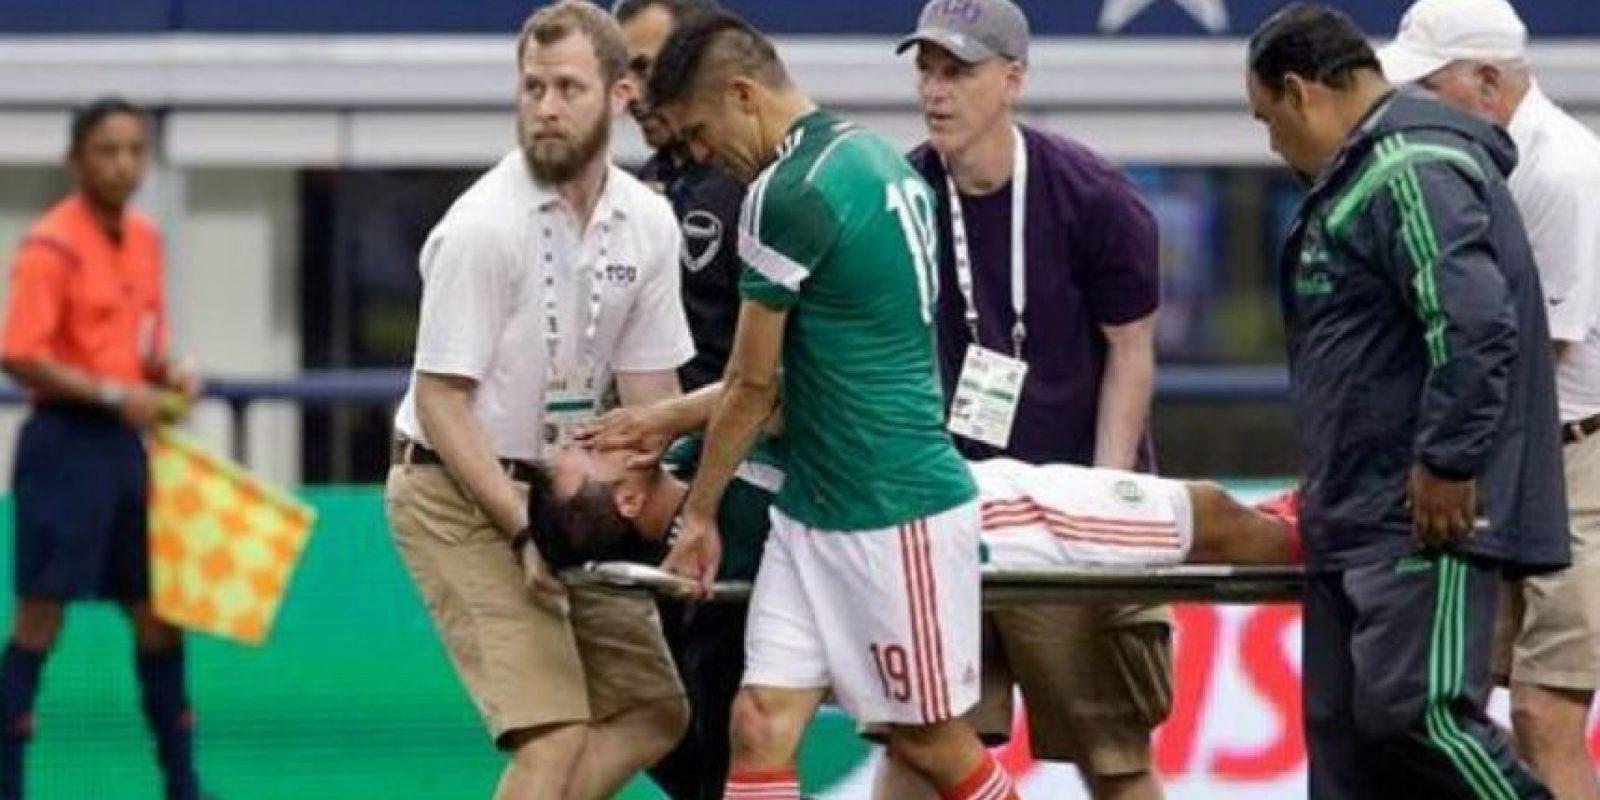 El jugador mexicano sufrió una fractura de tibia y peroné tras un choque con el ecuatoriano Segundo Castillo en un partido amistoso. Se perdió la Copa del Mundo. Foto:Twitter